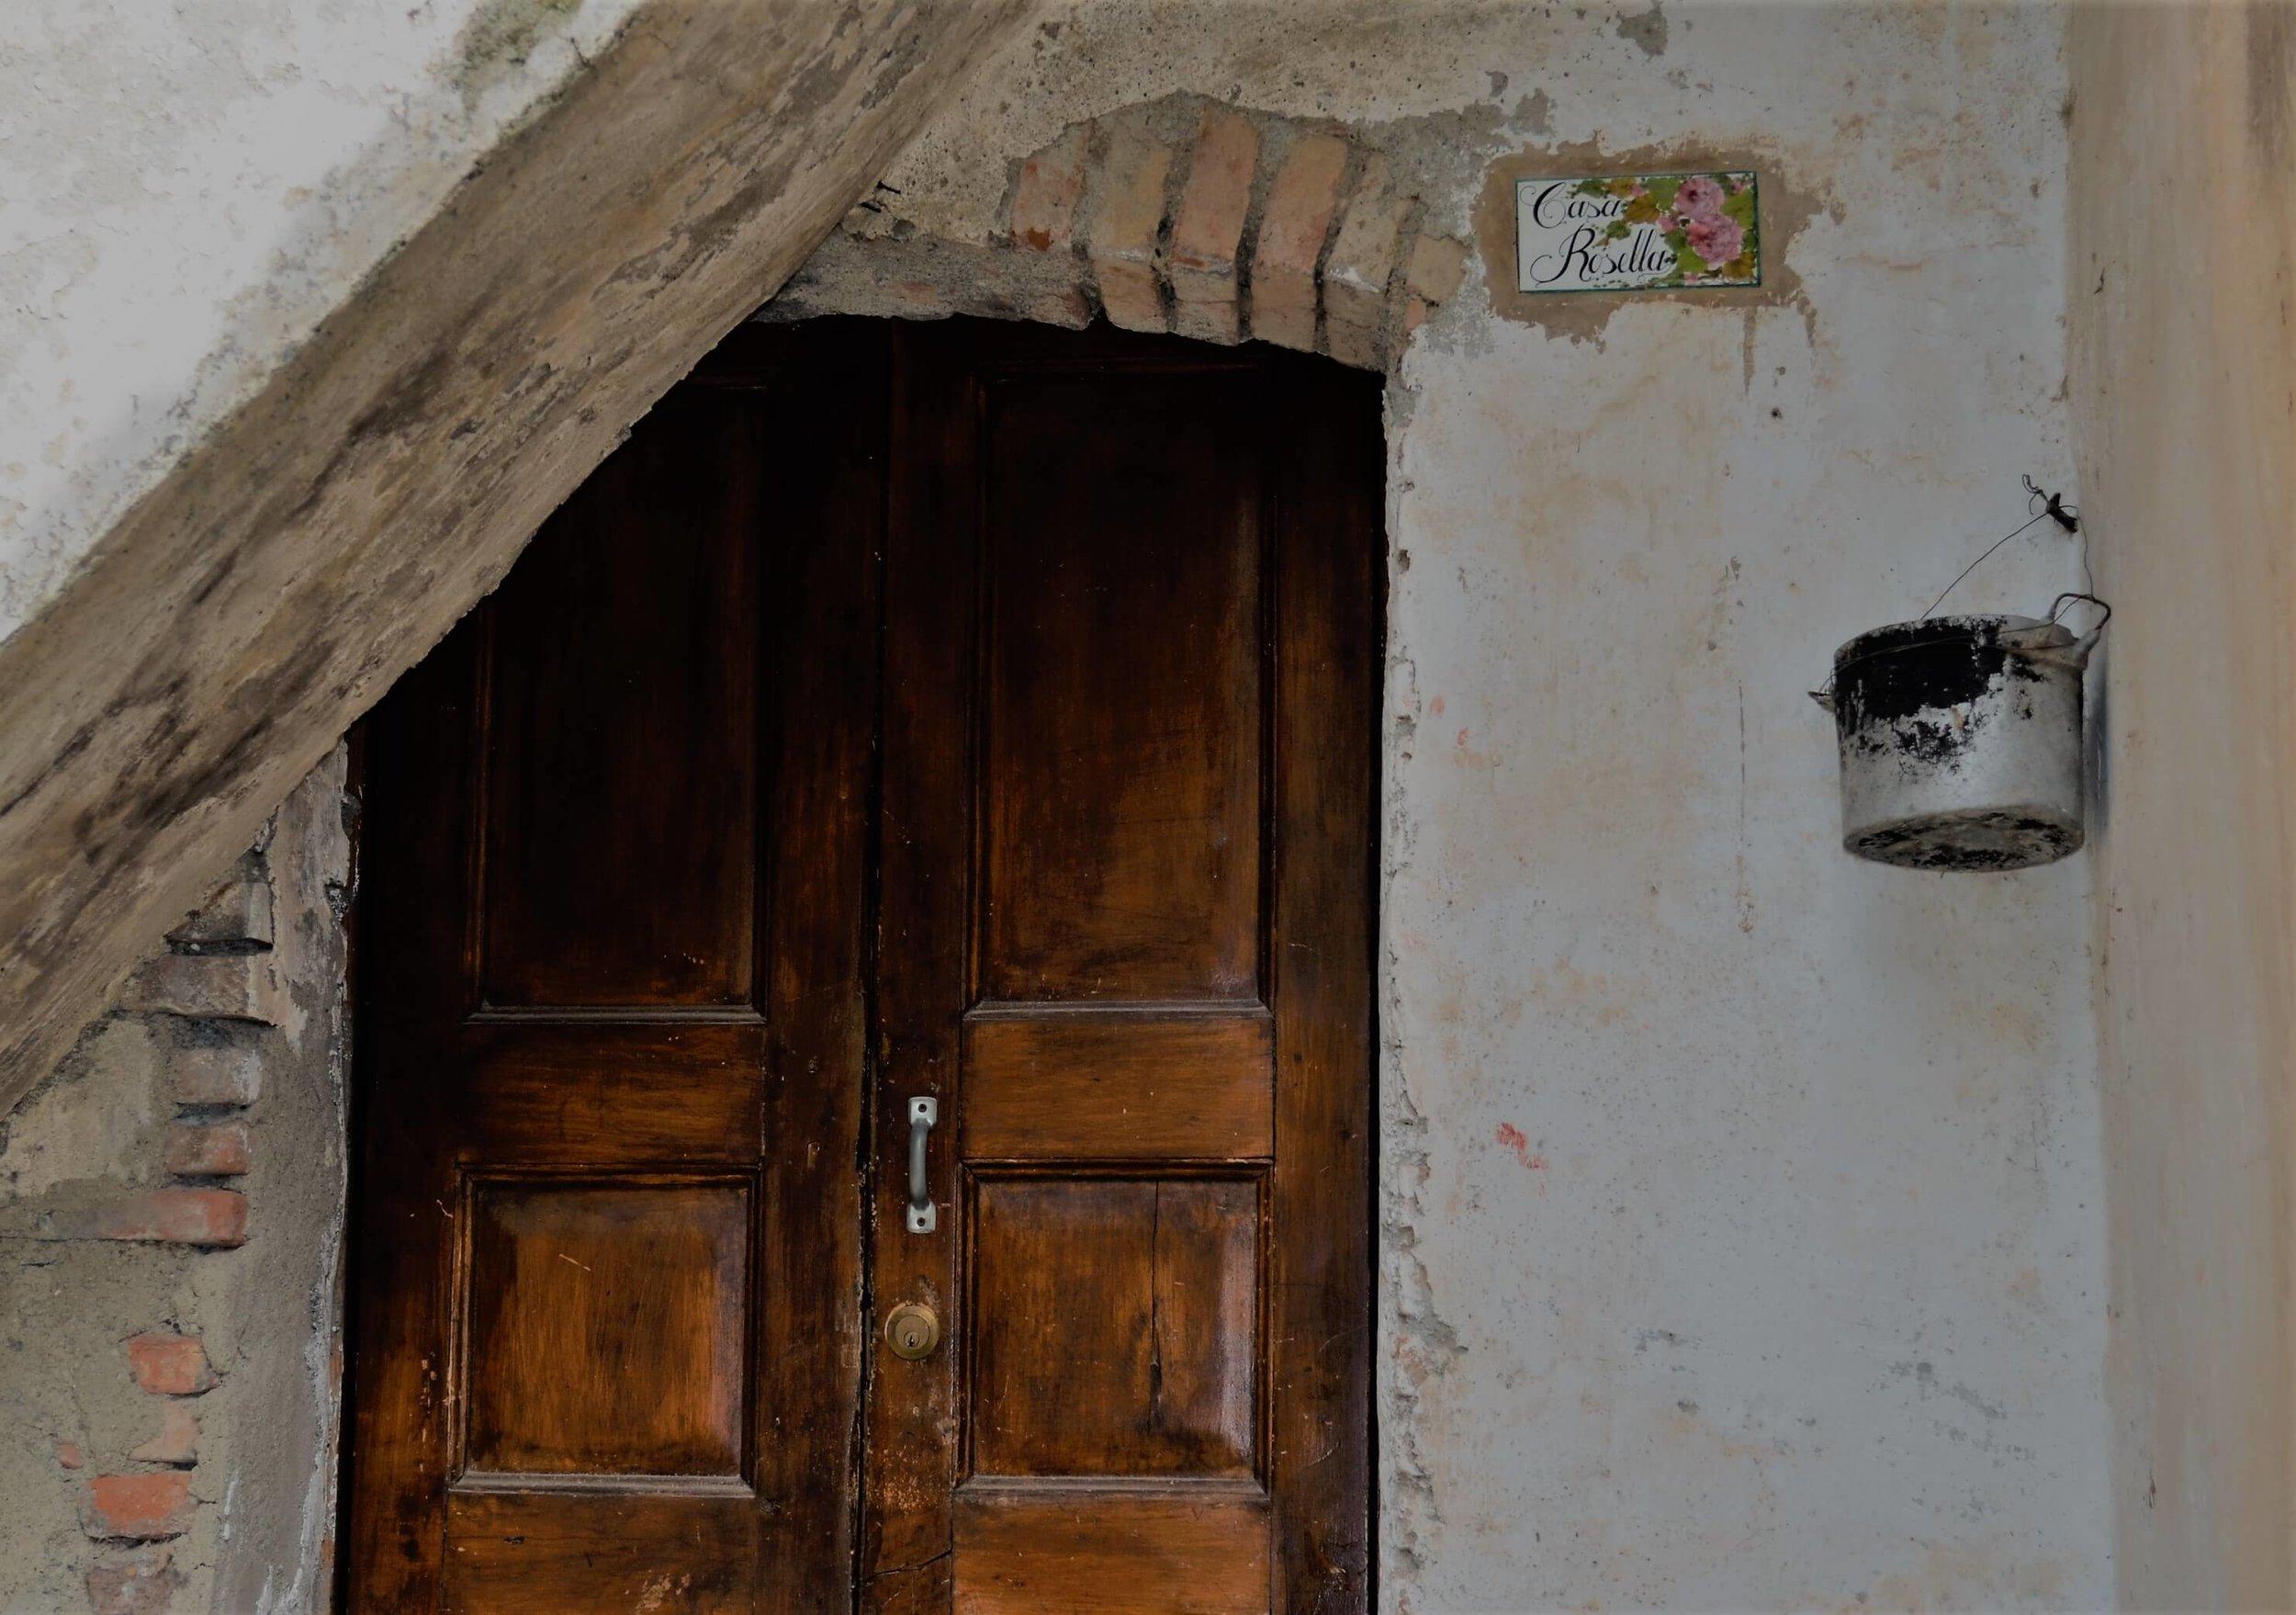 pemtedattilo porta.jpg